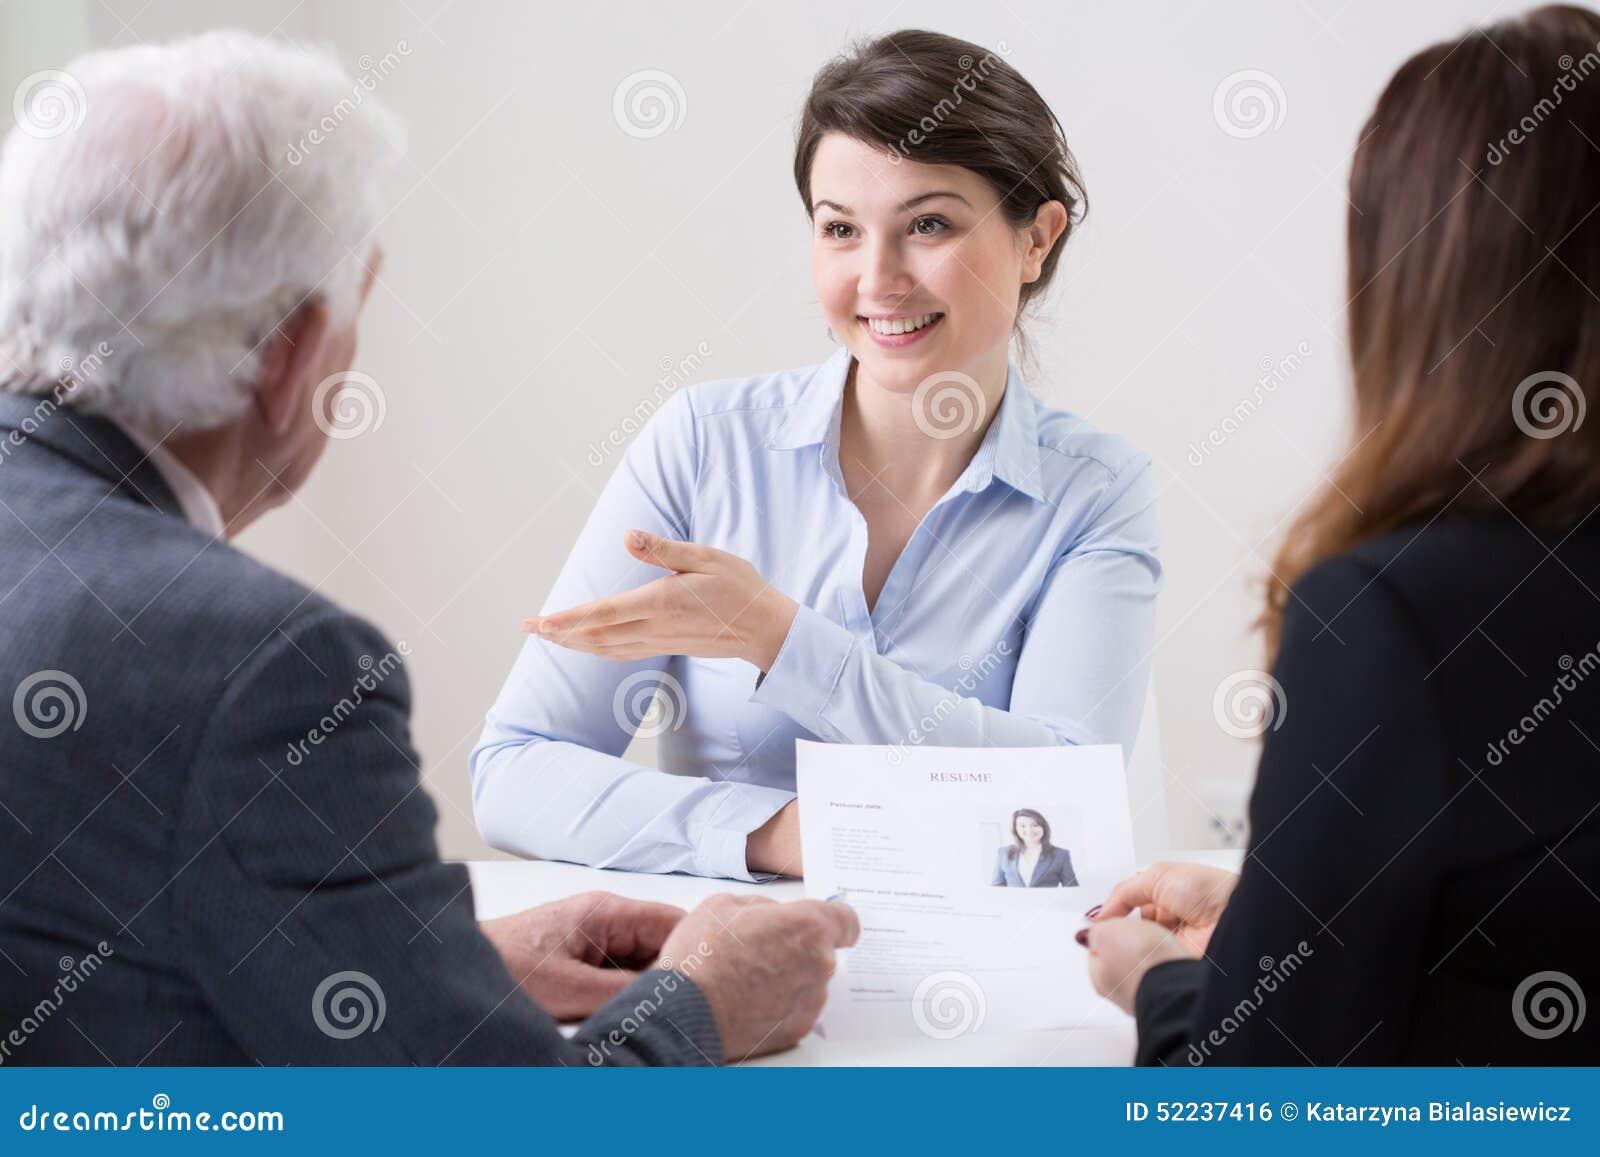 Equipo de los recursos humanos durante entrevista de trabajo